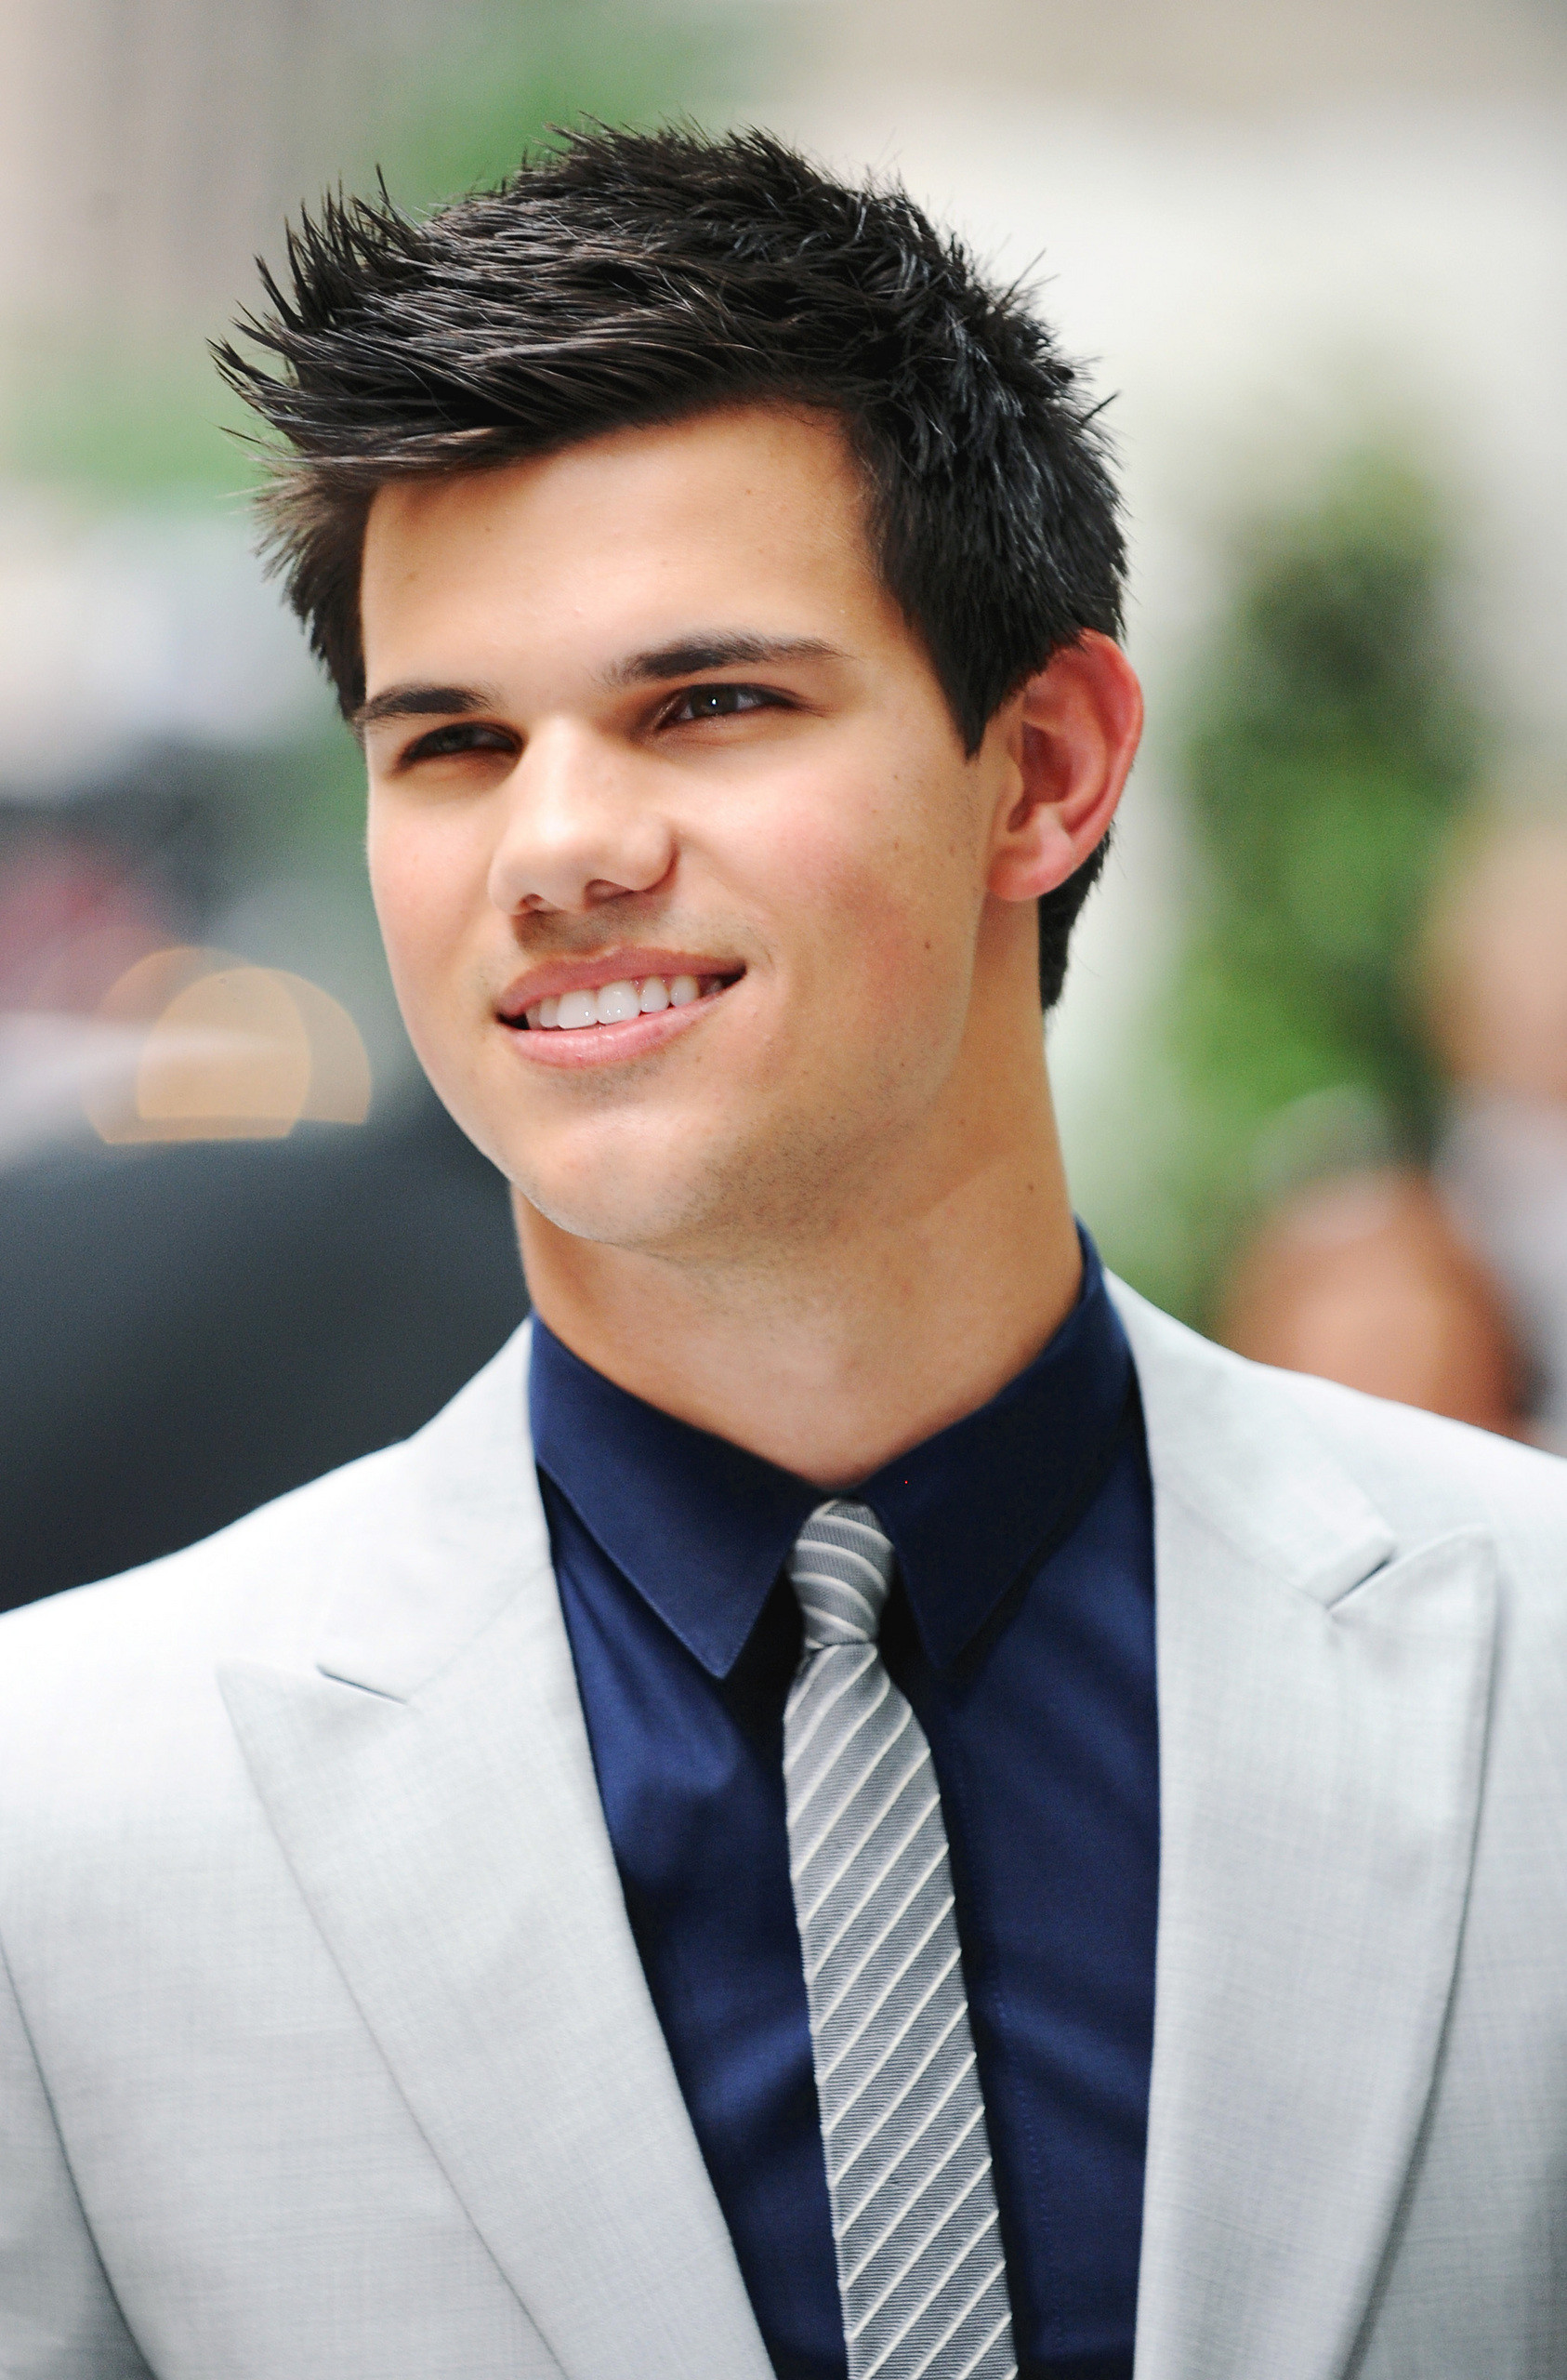 Taylor Lautner Image by Jaden Mussington on WallPortal